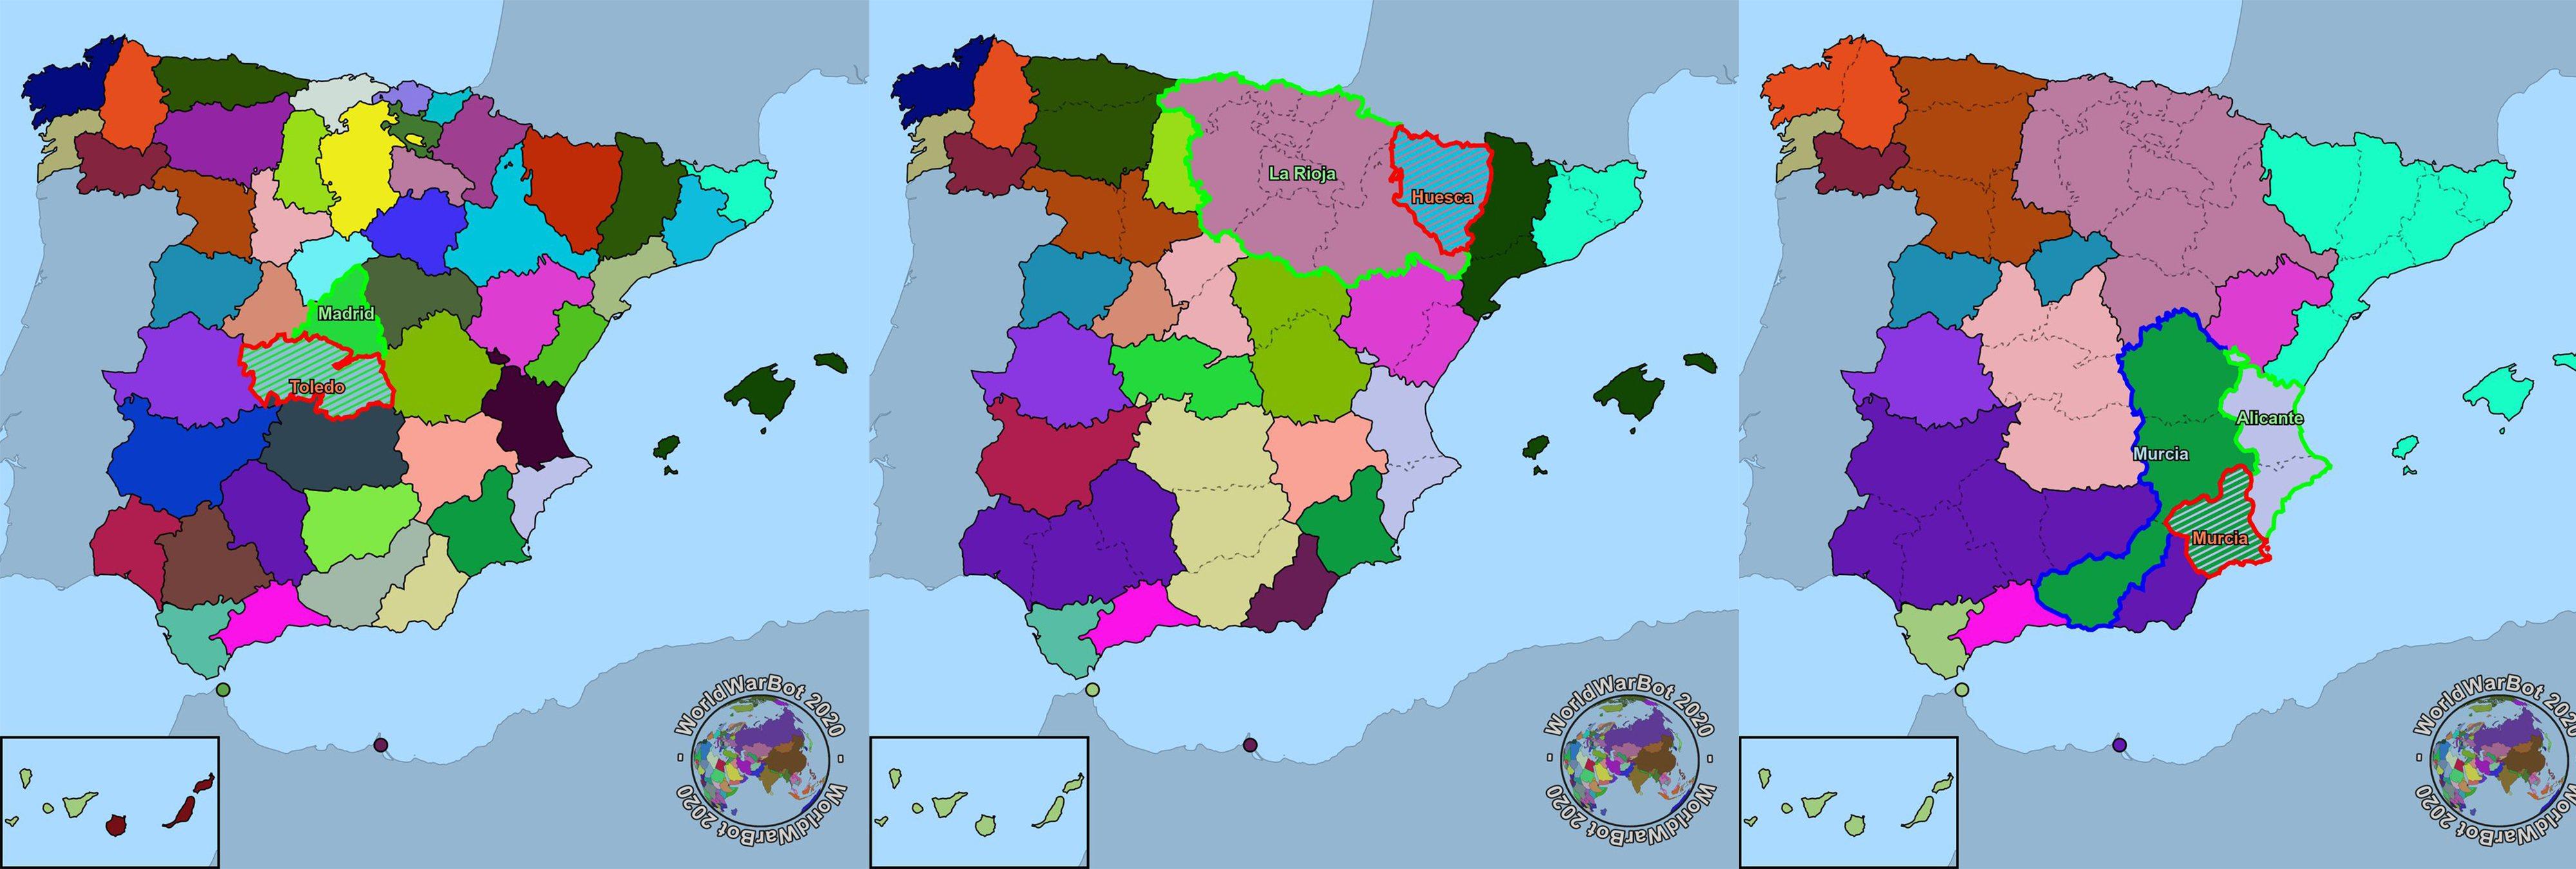 Guerra Civil Bot: la simulación bélica española por provincias que está causando furor